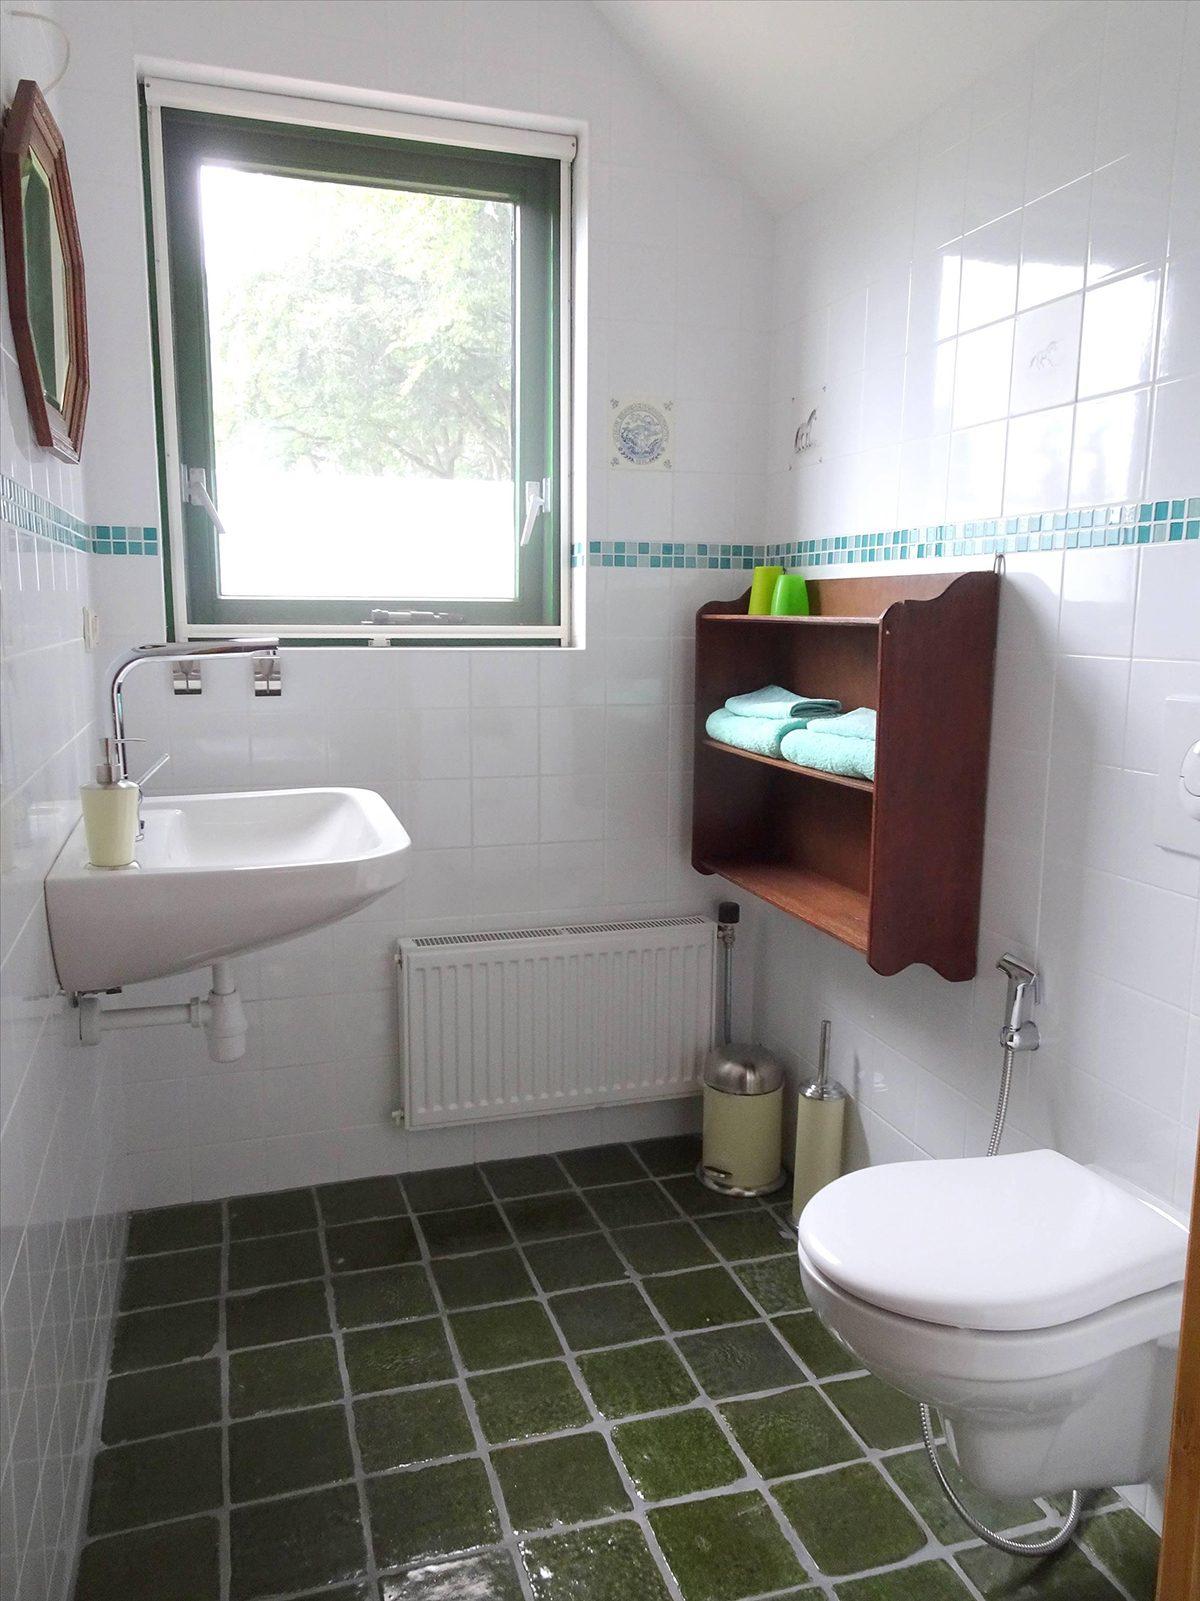 Toilet boven Badzicht Schipborg Músarrindill